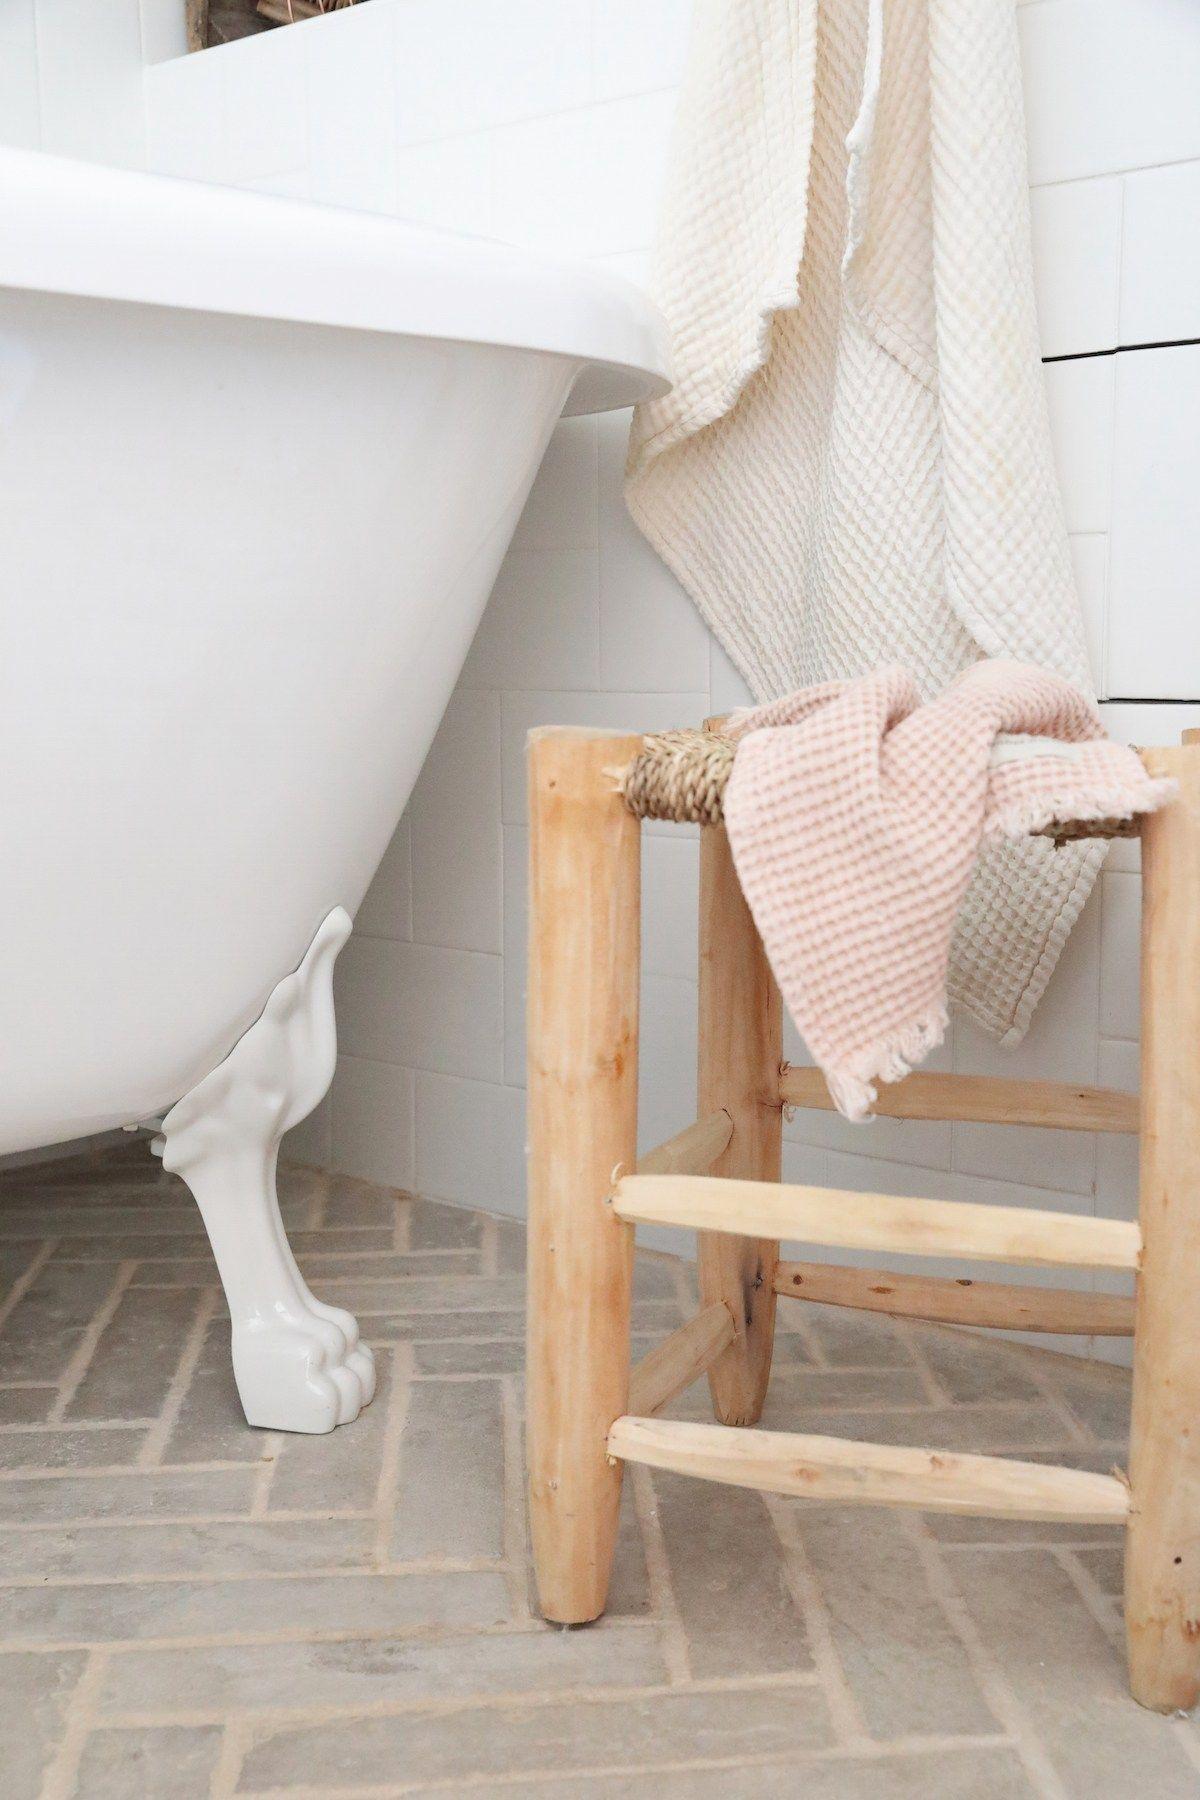 Bienvenue Dans Le Duplex Boheme De Chloe You Briquette De Parement Planche A Decouper Marbre Et Tabouret Marocain